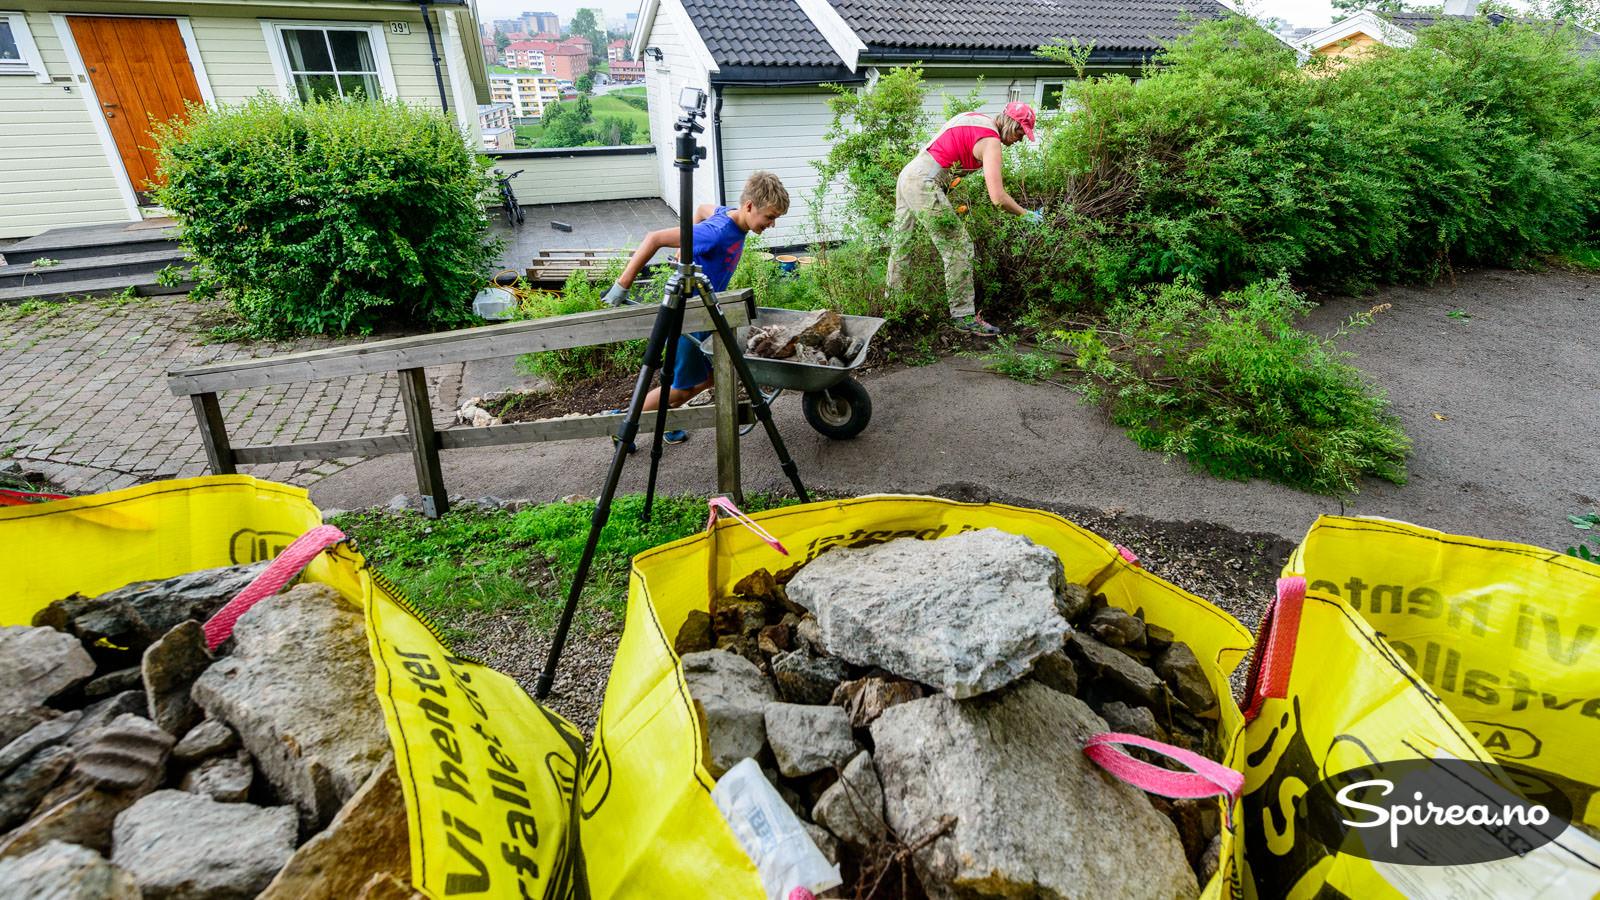 Vi måtte bruke trillebår for å få de tunge steinene opp til parkeringsplassen der iSEKKene var plassert.